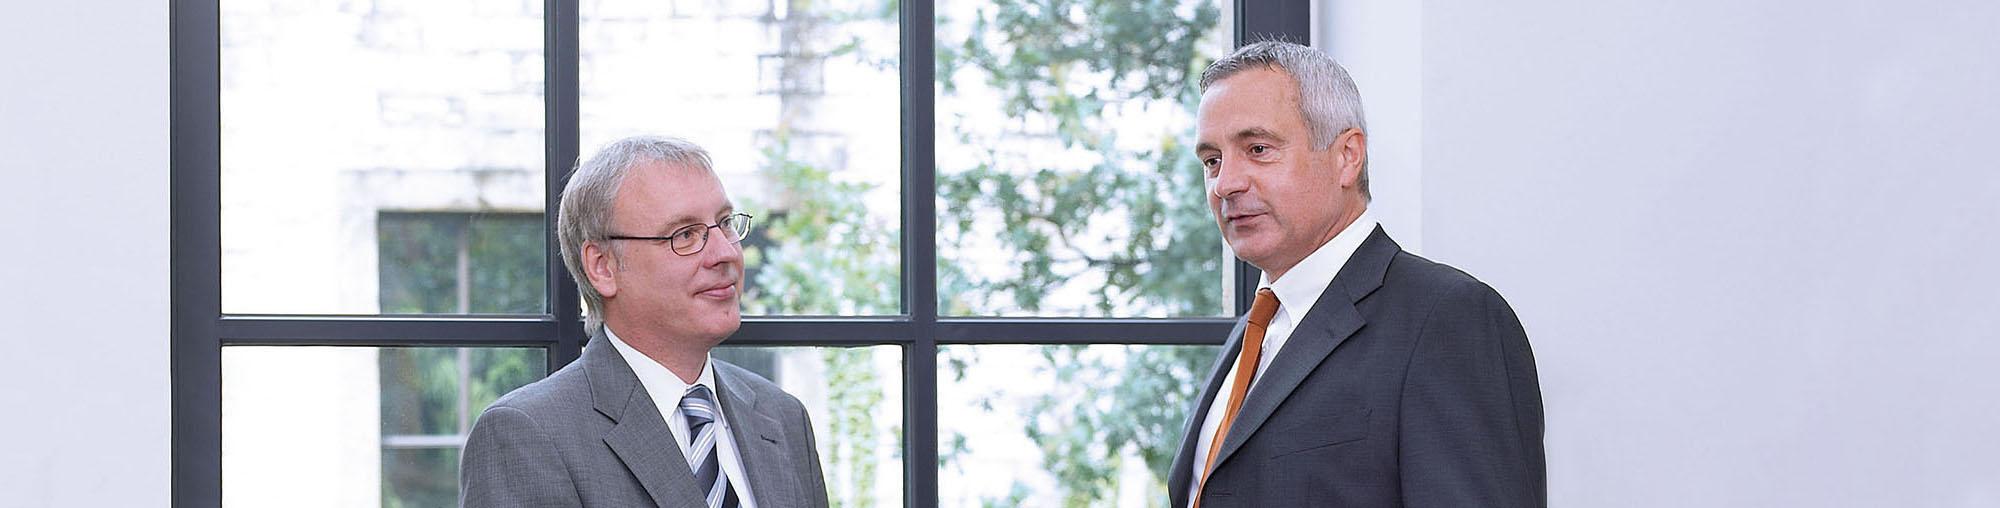 Slider | Management-Beratung in Detmold, Lippe und OWL